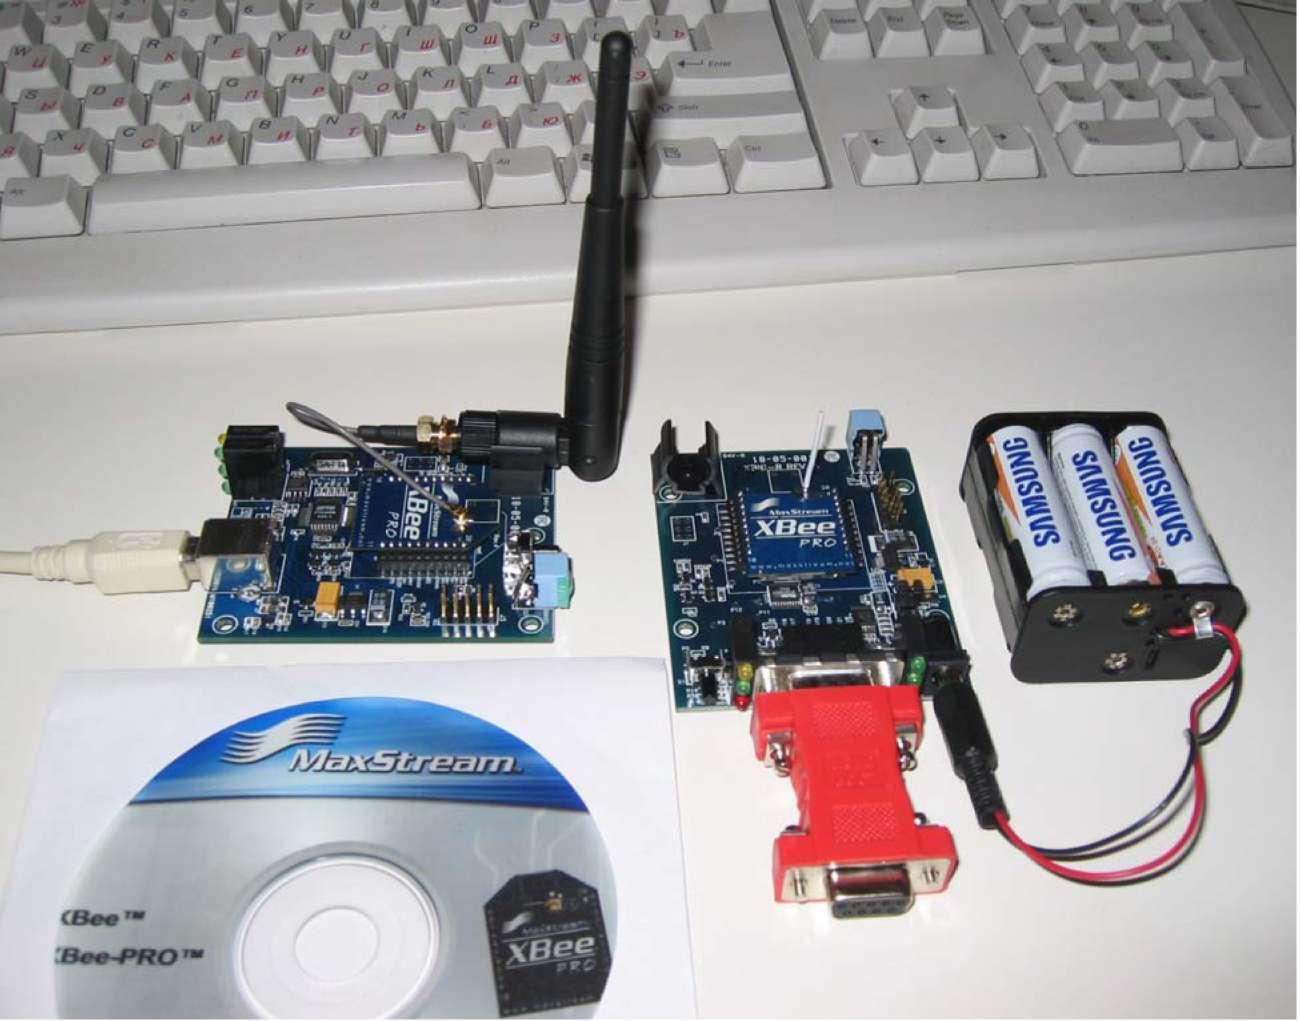 Комплект оборудования для проведения теста дальности